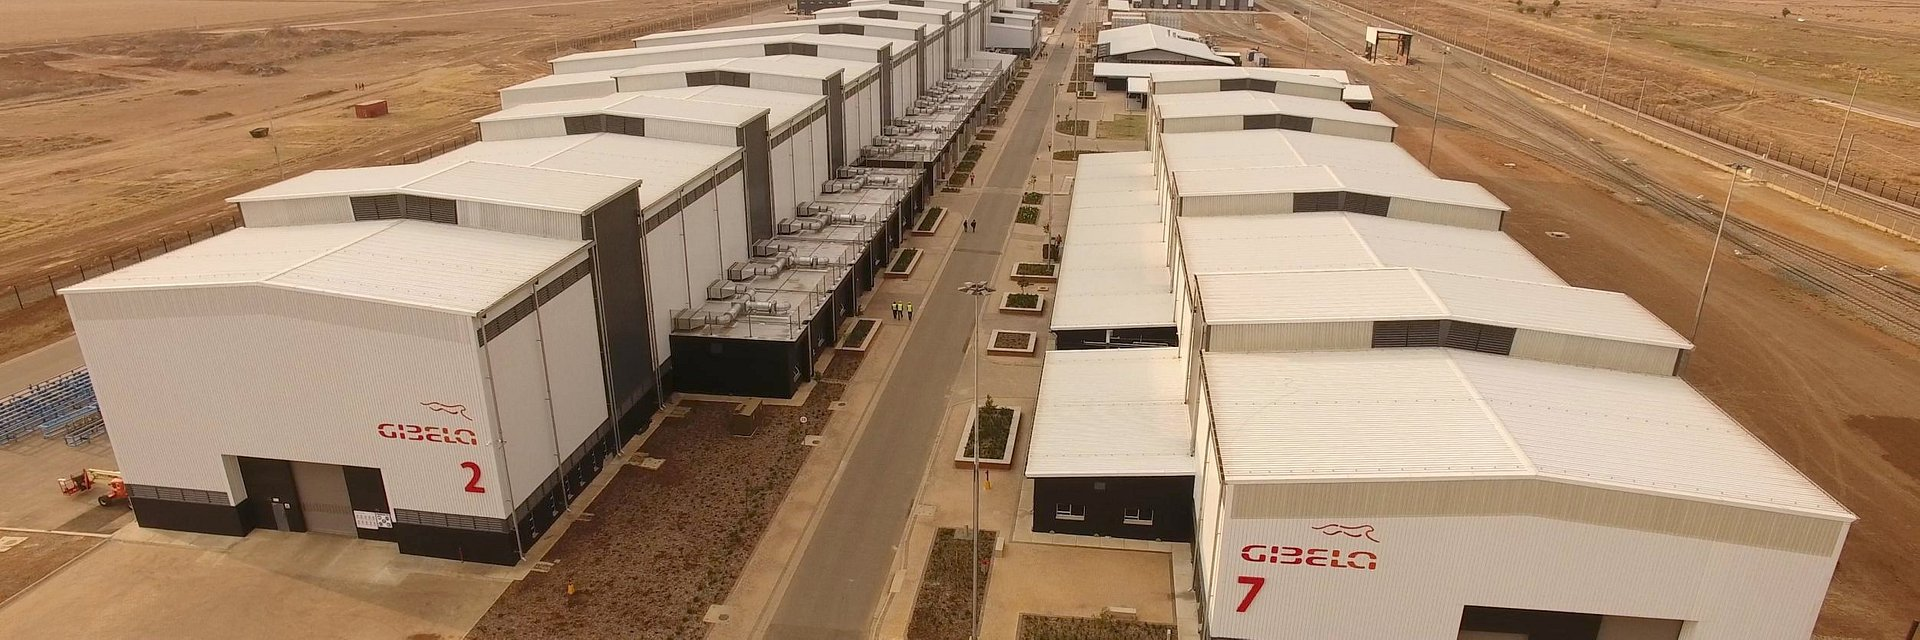 Gibela, spółka joint venture Alstomu, otwiera największy w Afryce zakład produkcji pociągów w Dunnottar, RPA